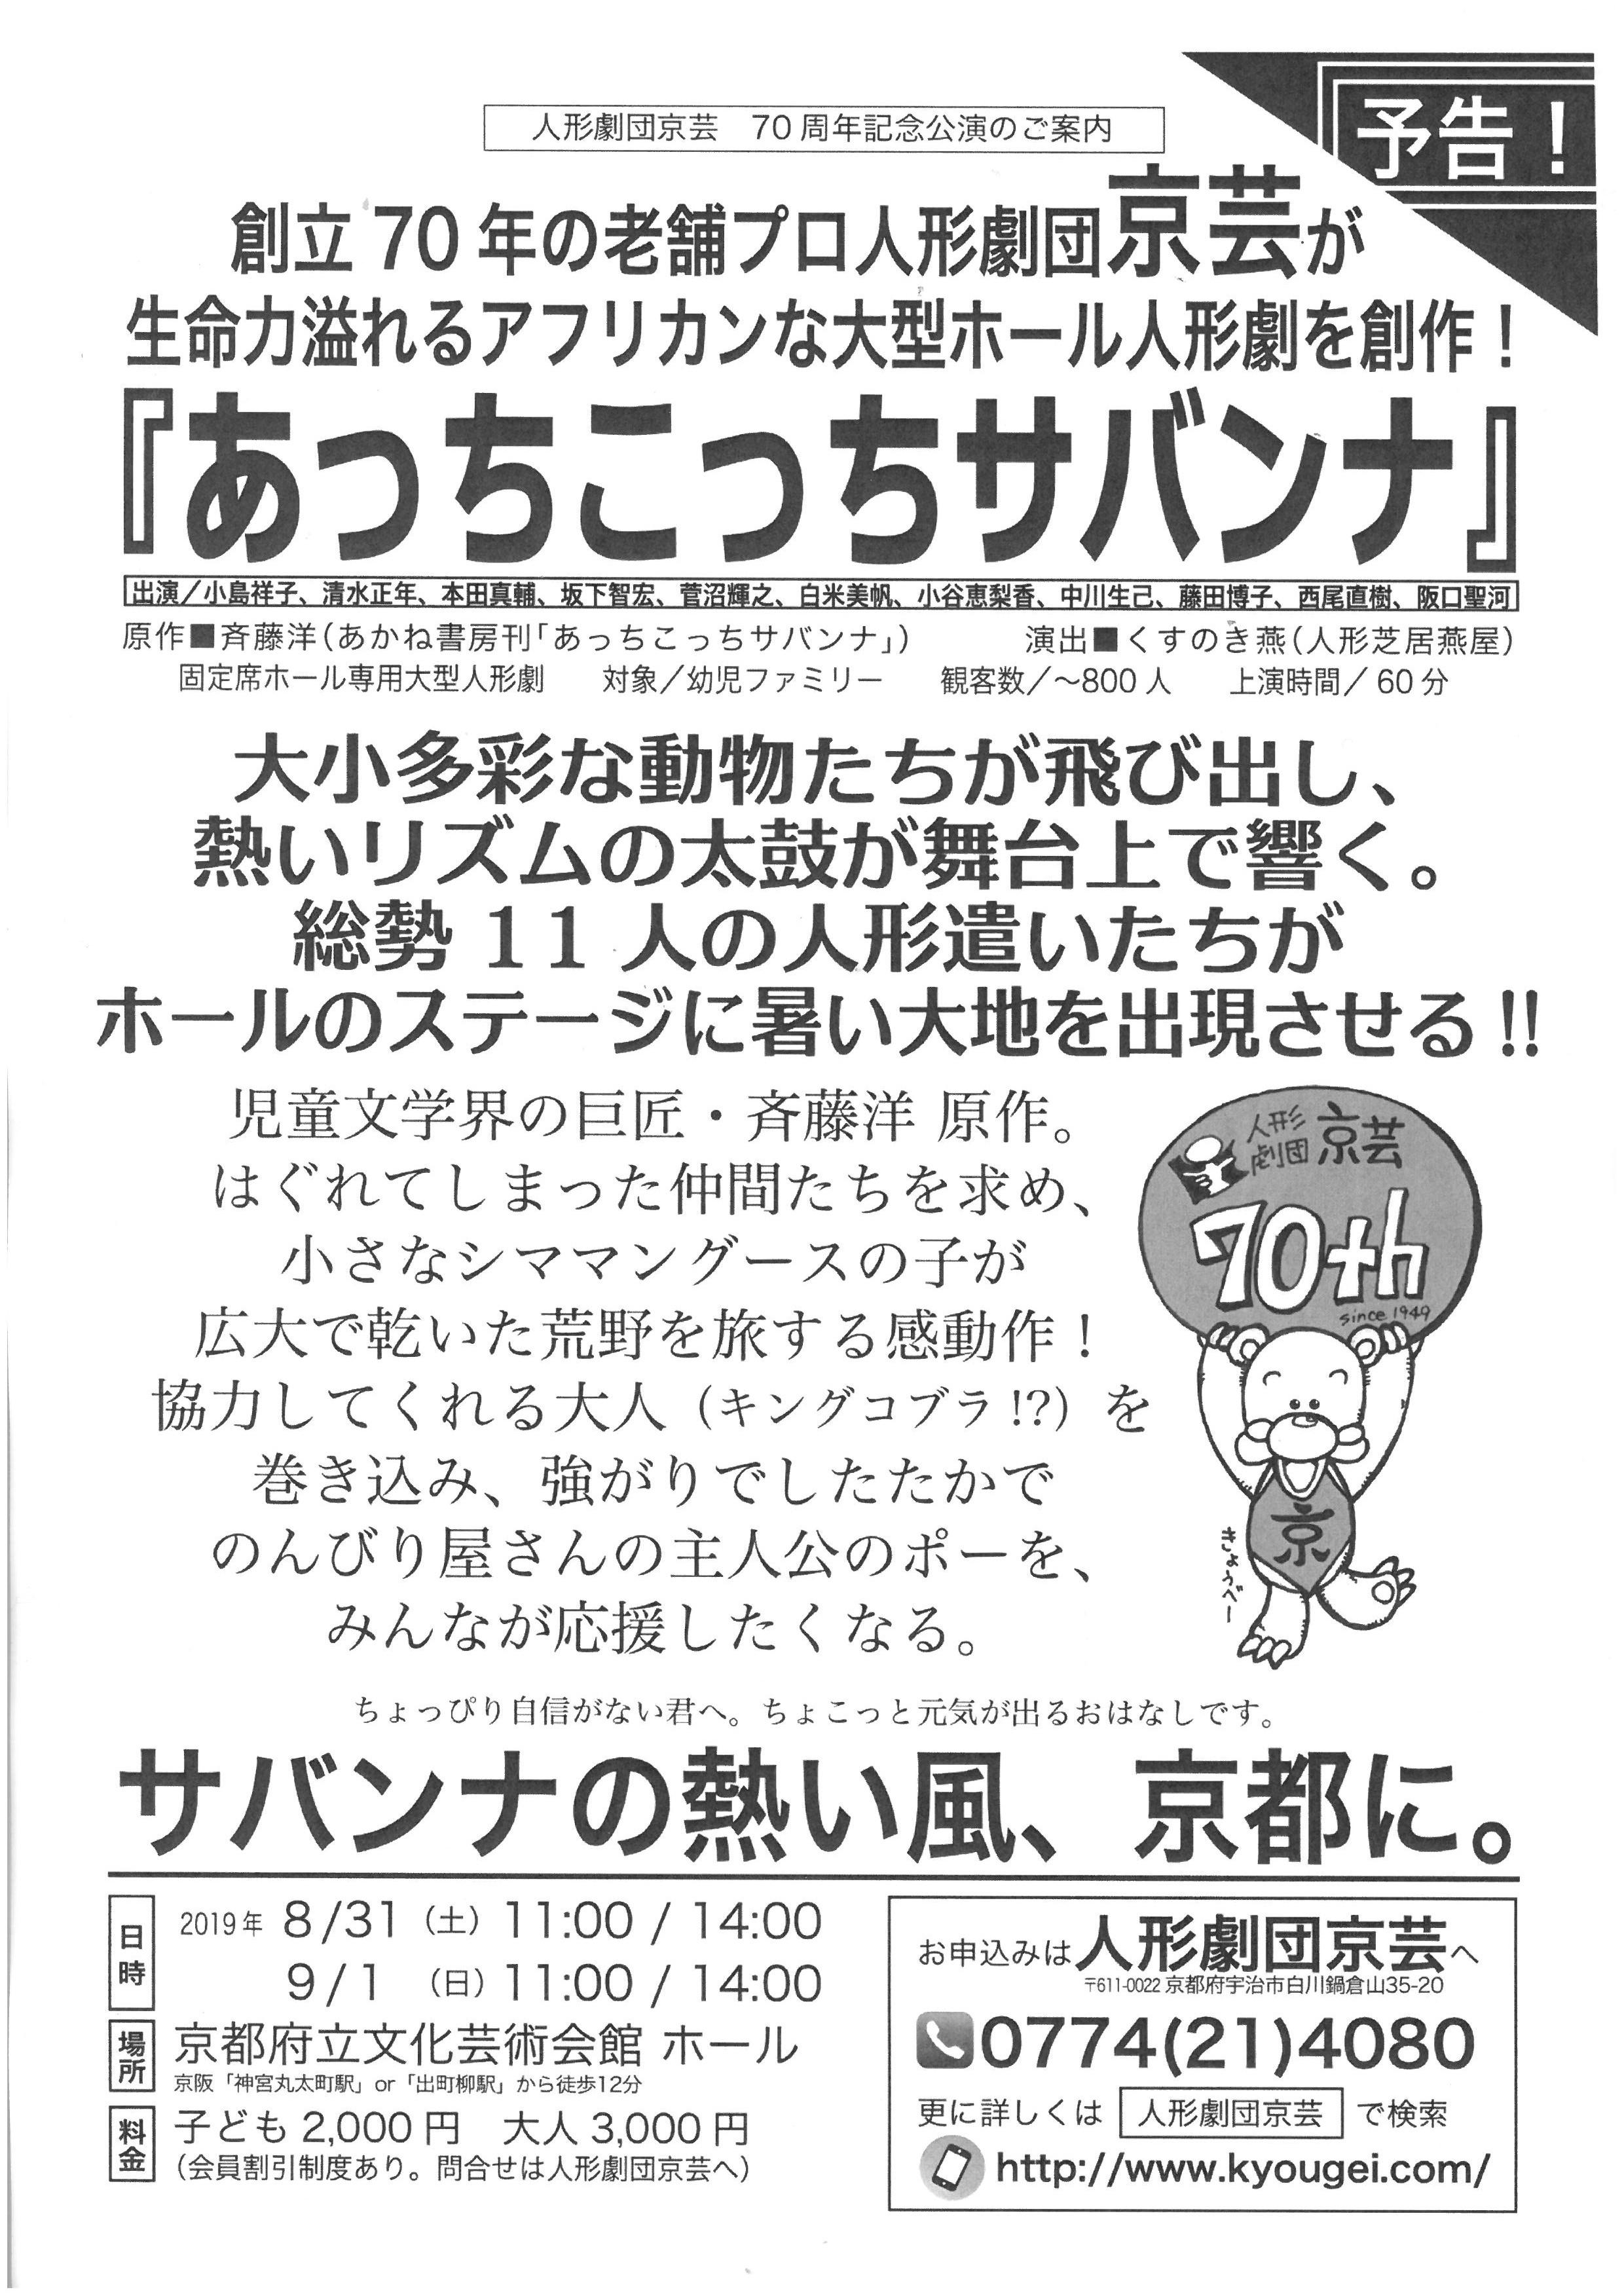 サバンナ仮チラシ.jpg